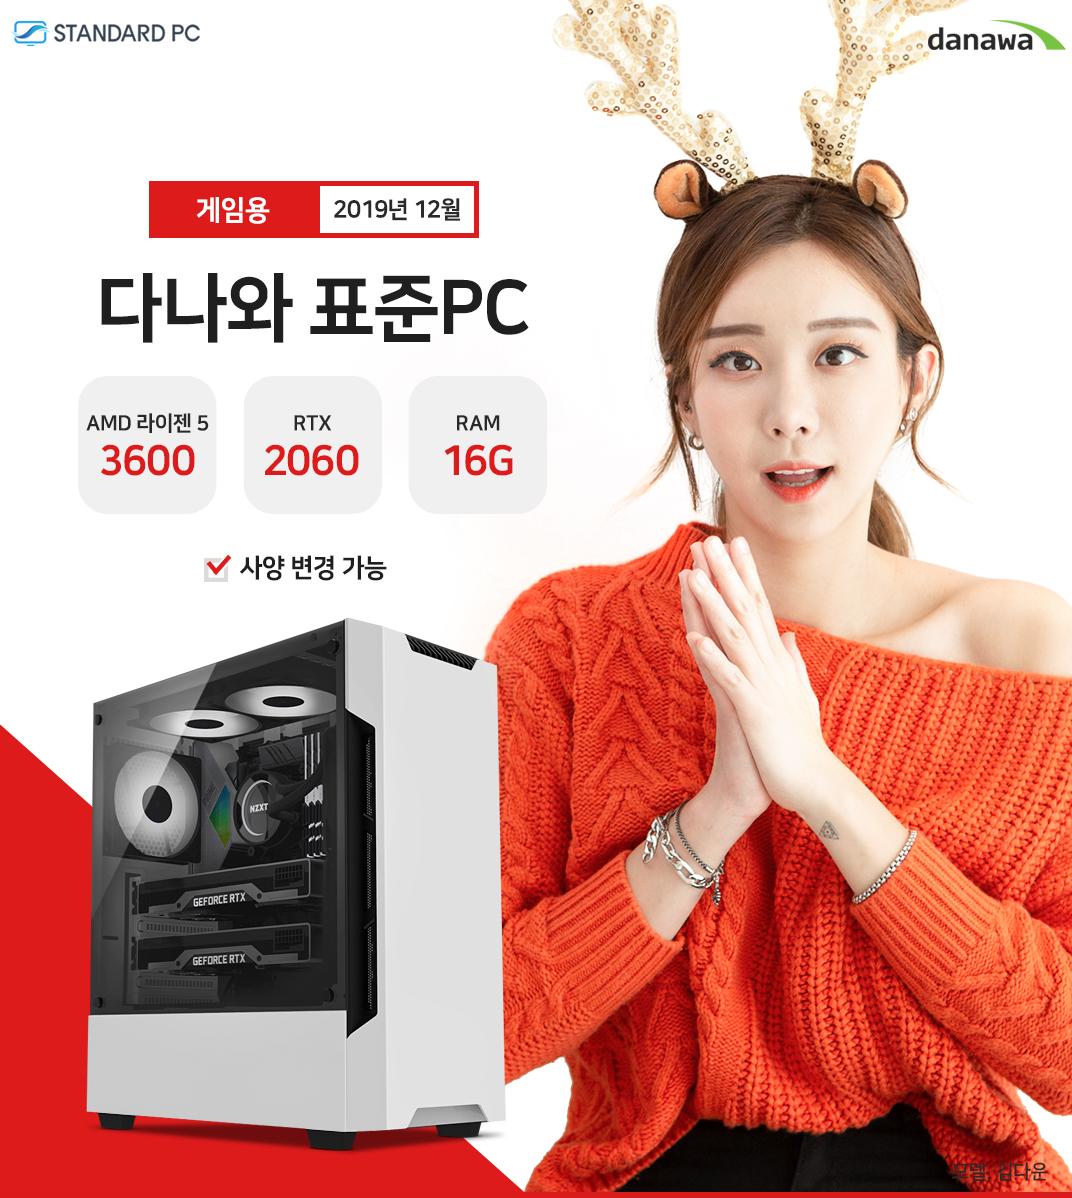 2019년 12월 다나와 표준PC 게이밍용 AMD 라이젠 5 3600 GTX2060 RAM 16G 모델 김다운